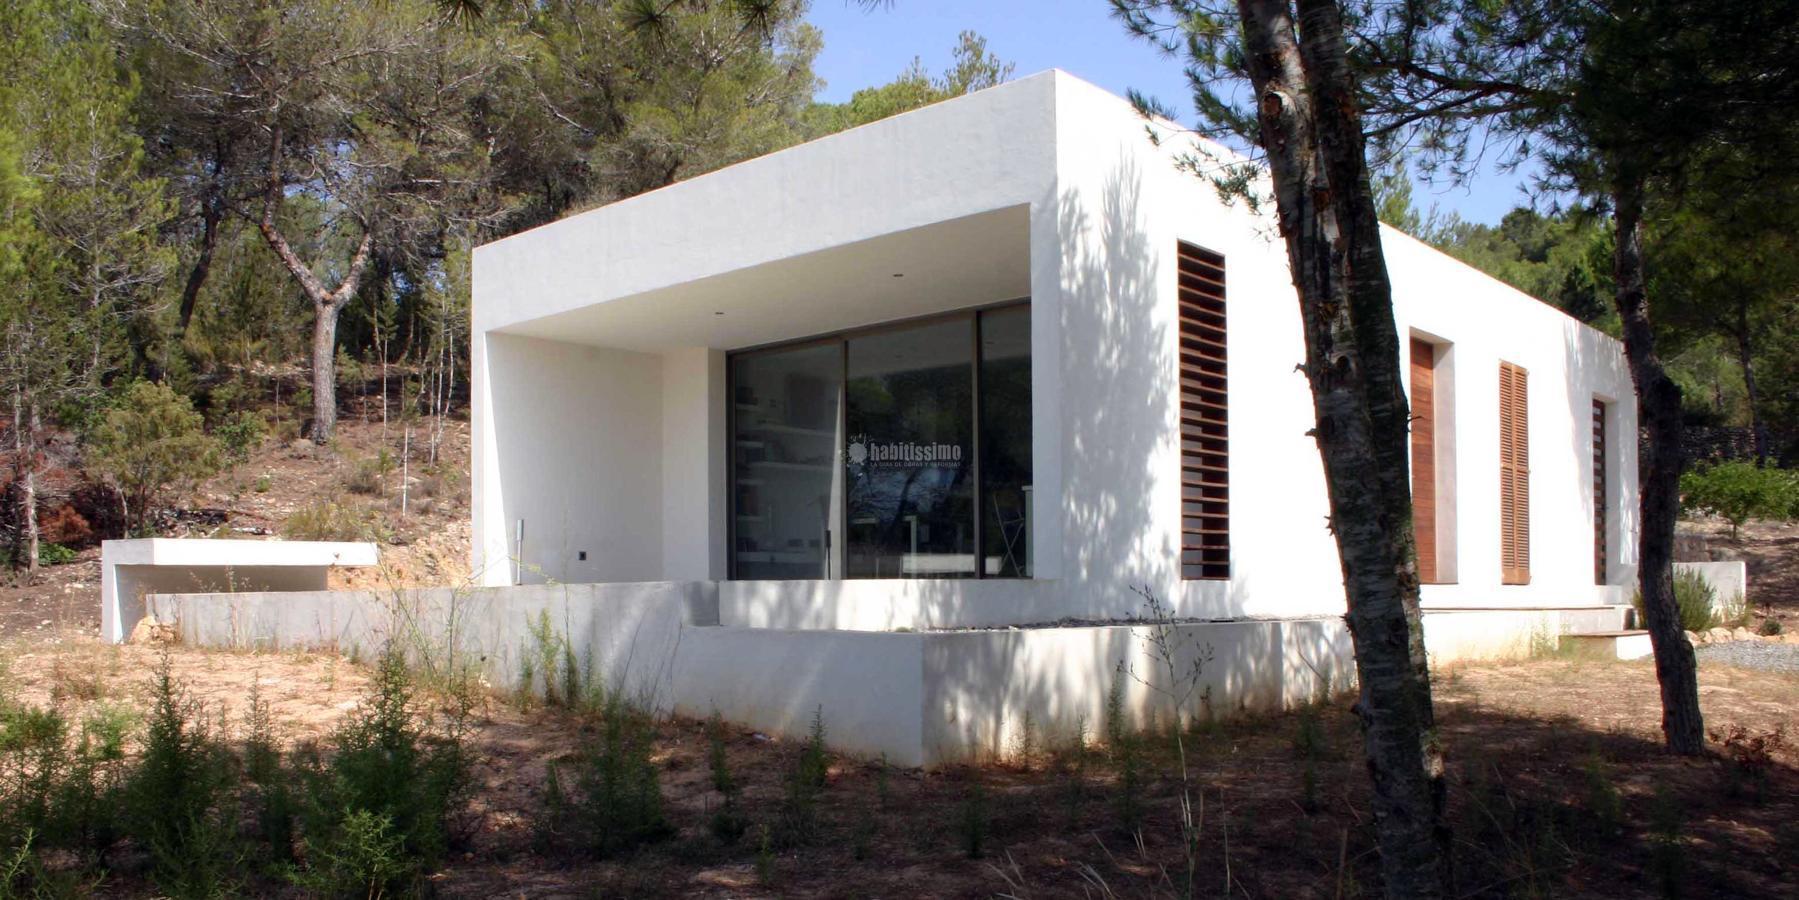 Vivienda unifamiliar en ibiza ideas arquitectos - Arquitectos en ibiza ...